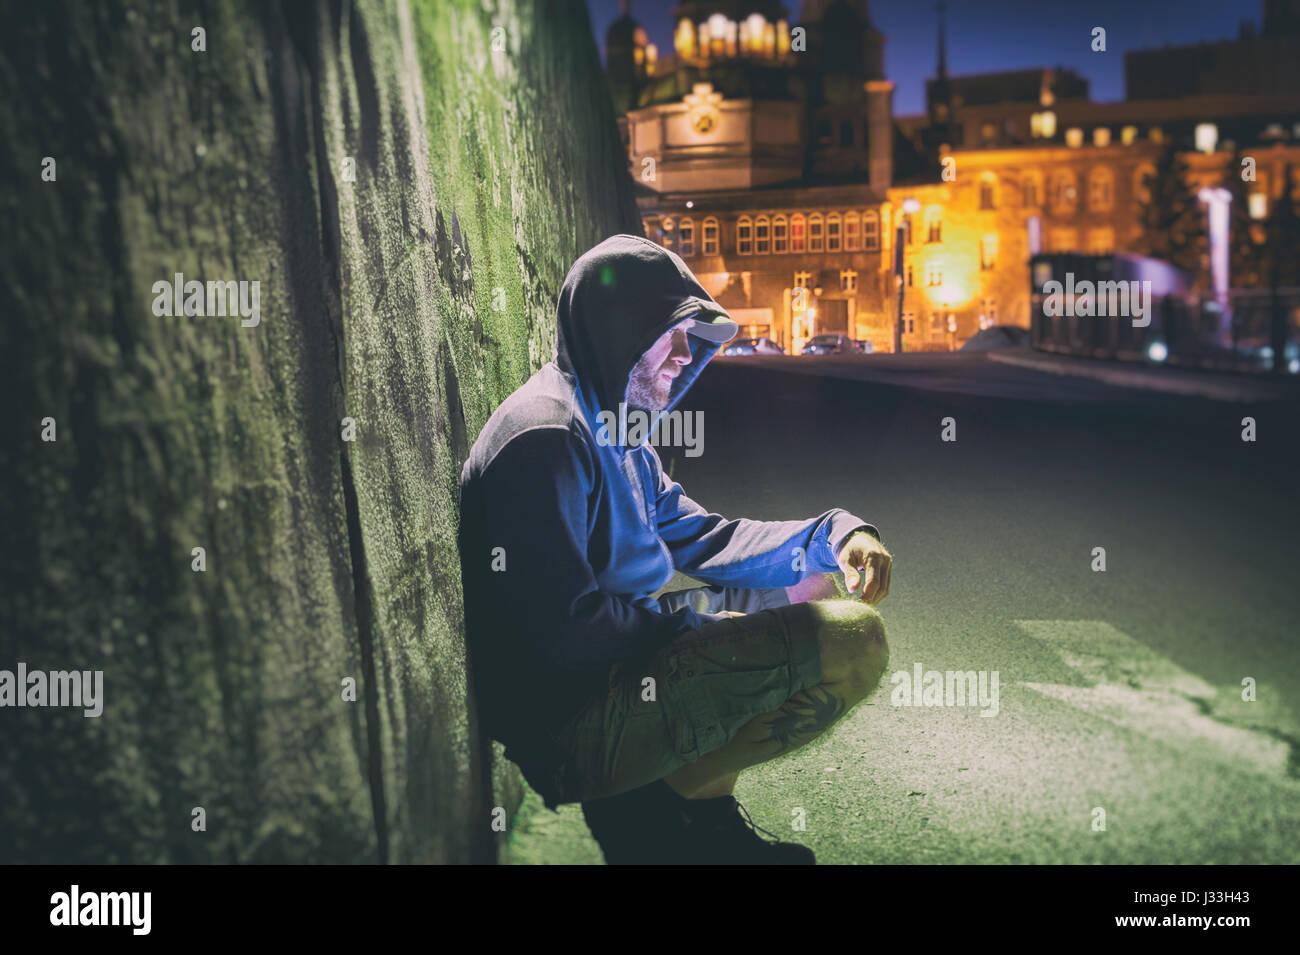 Triste e uomo solitario con hoodie seduto contro un muro di notte Immagini Stock